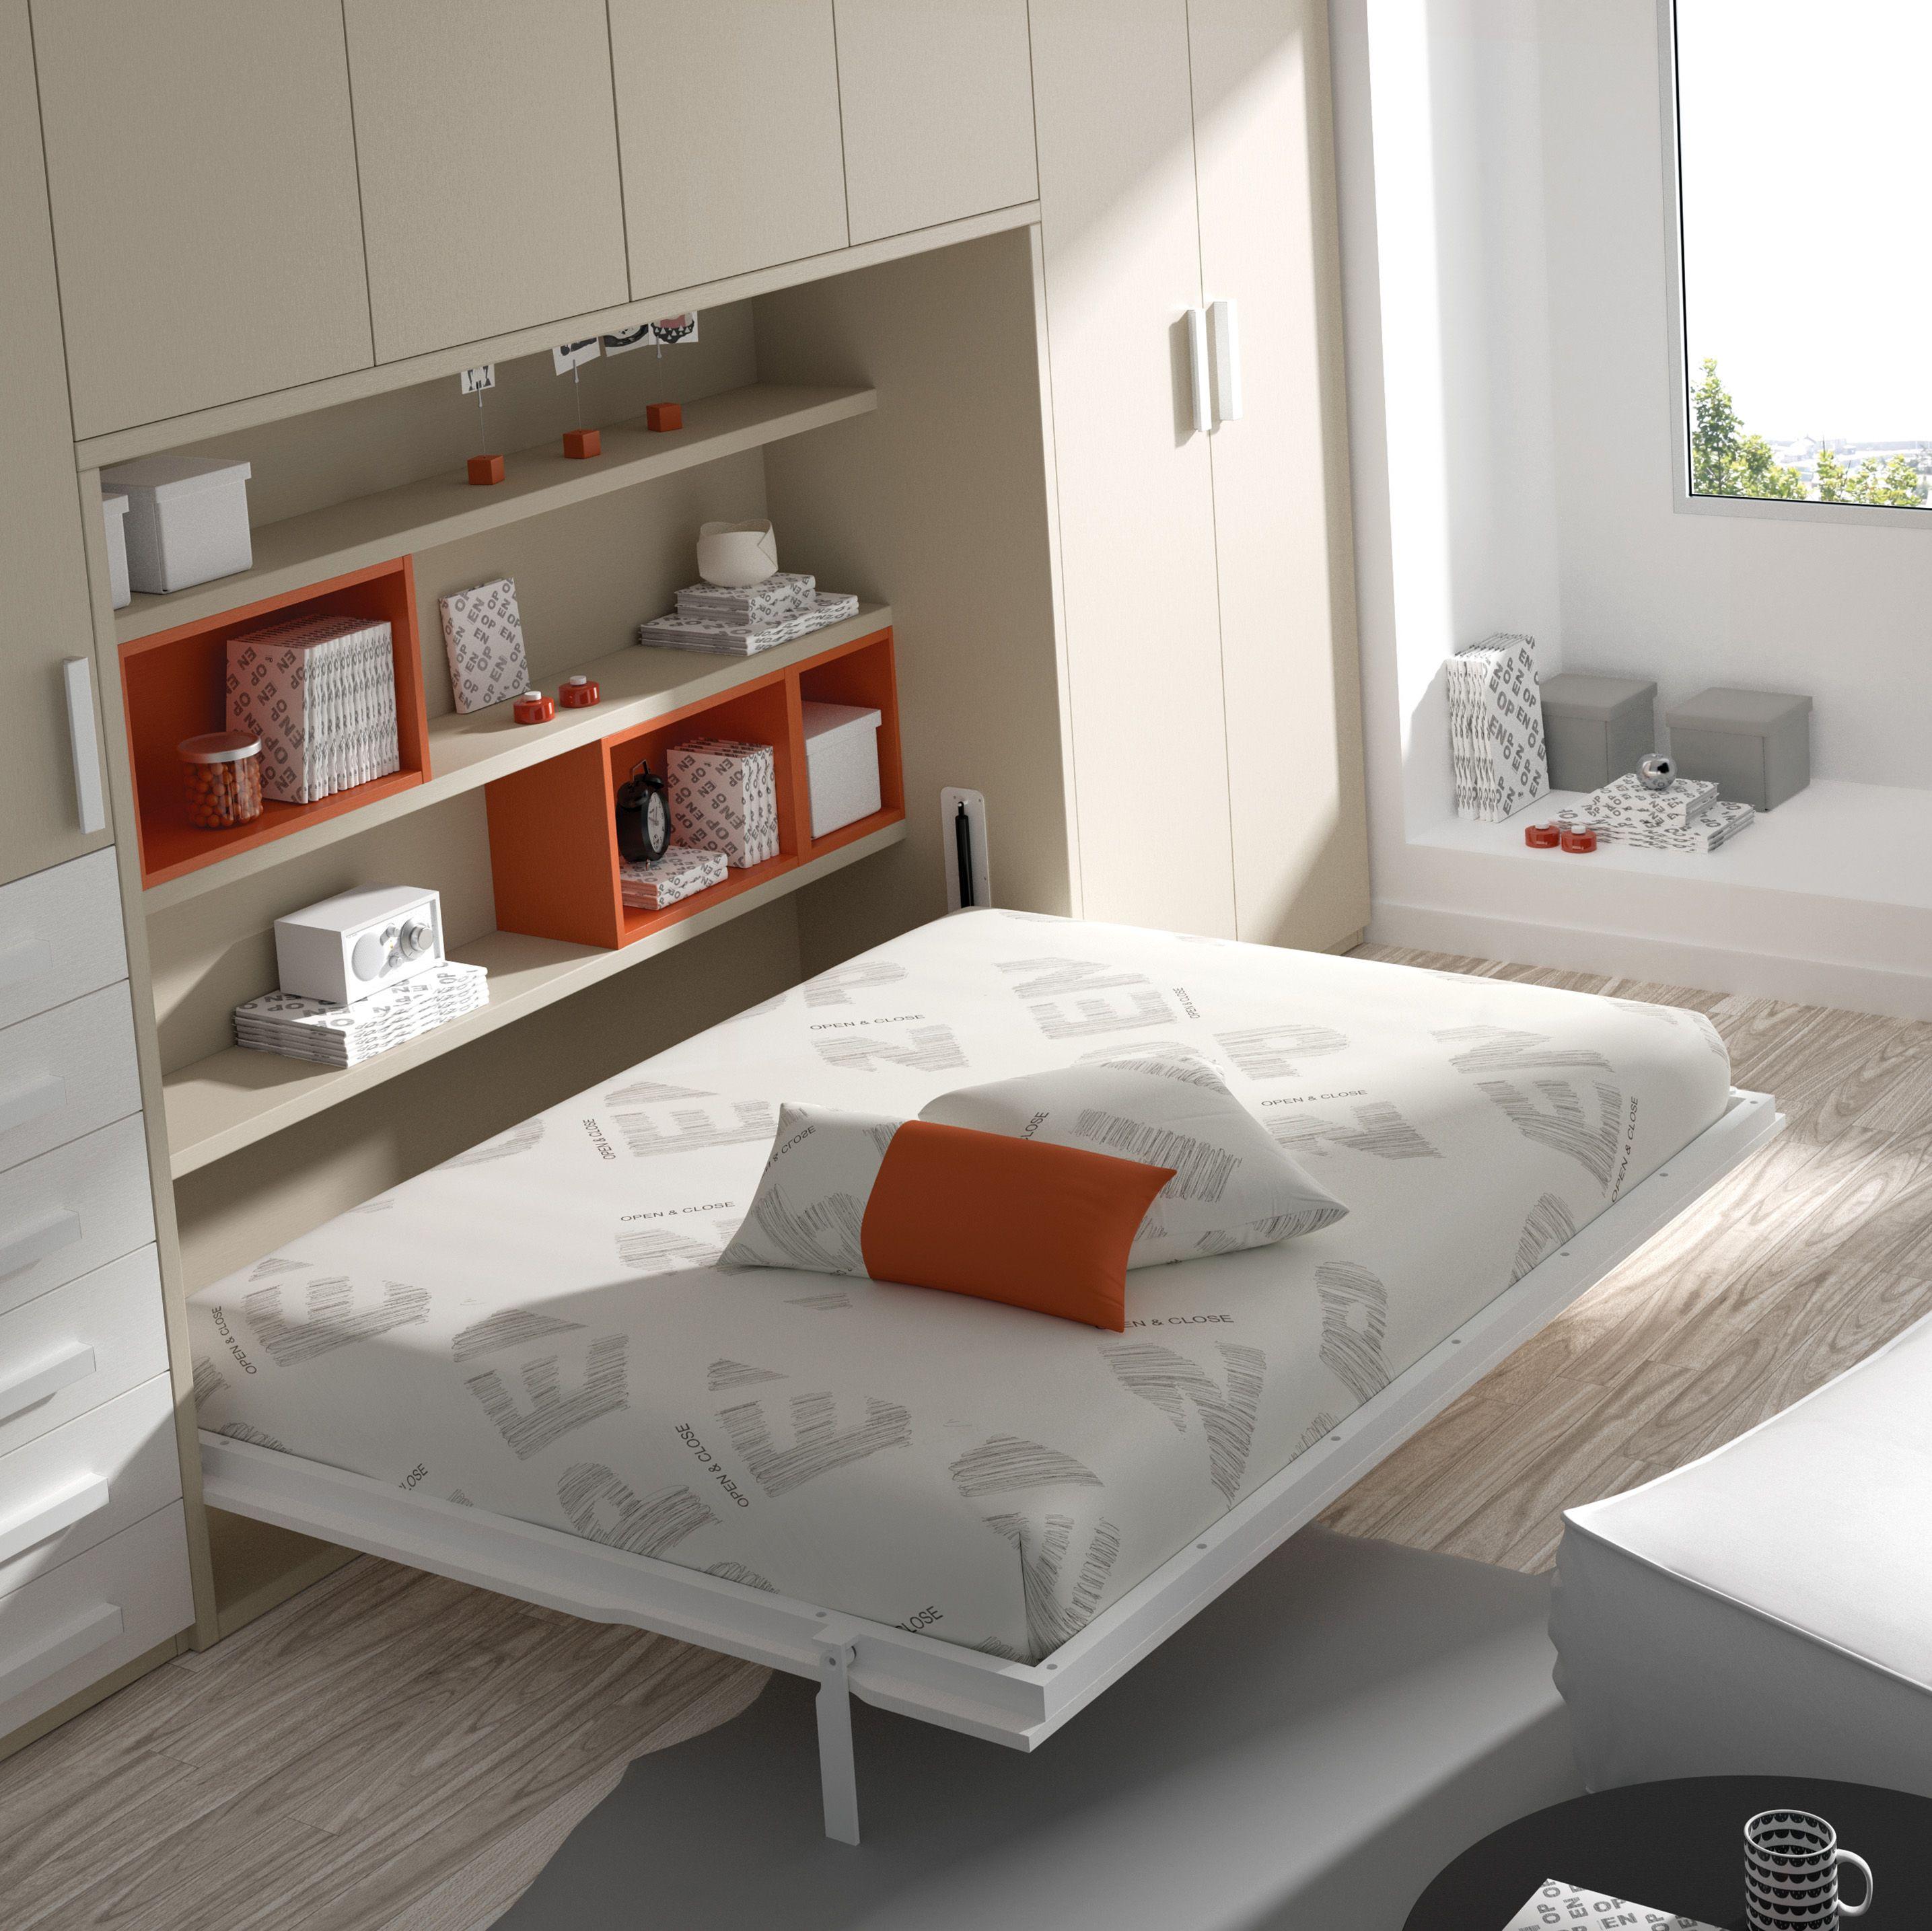 Camas abatibles dise adas para dormitorios con poco - 3 camas en poco espacio ...